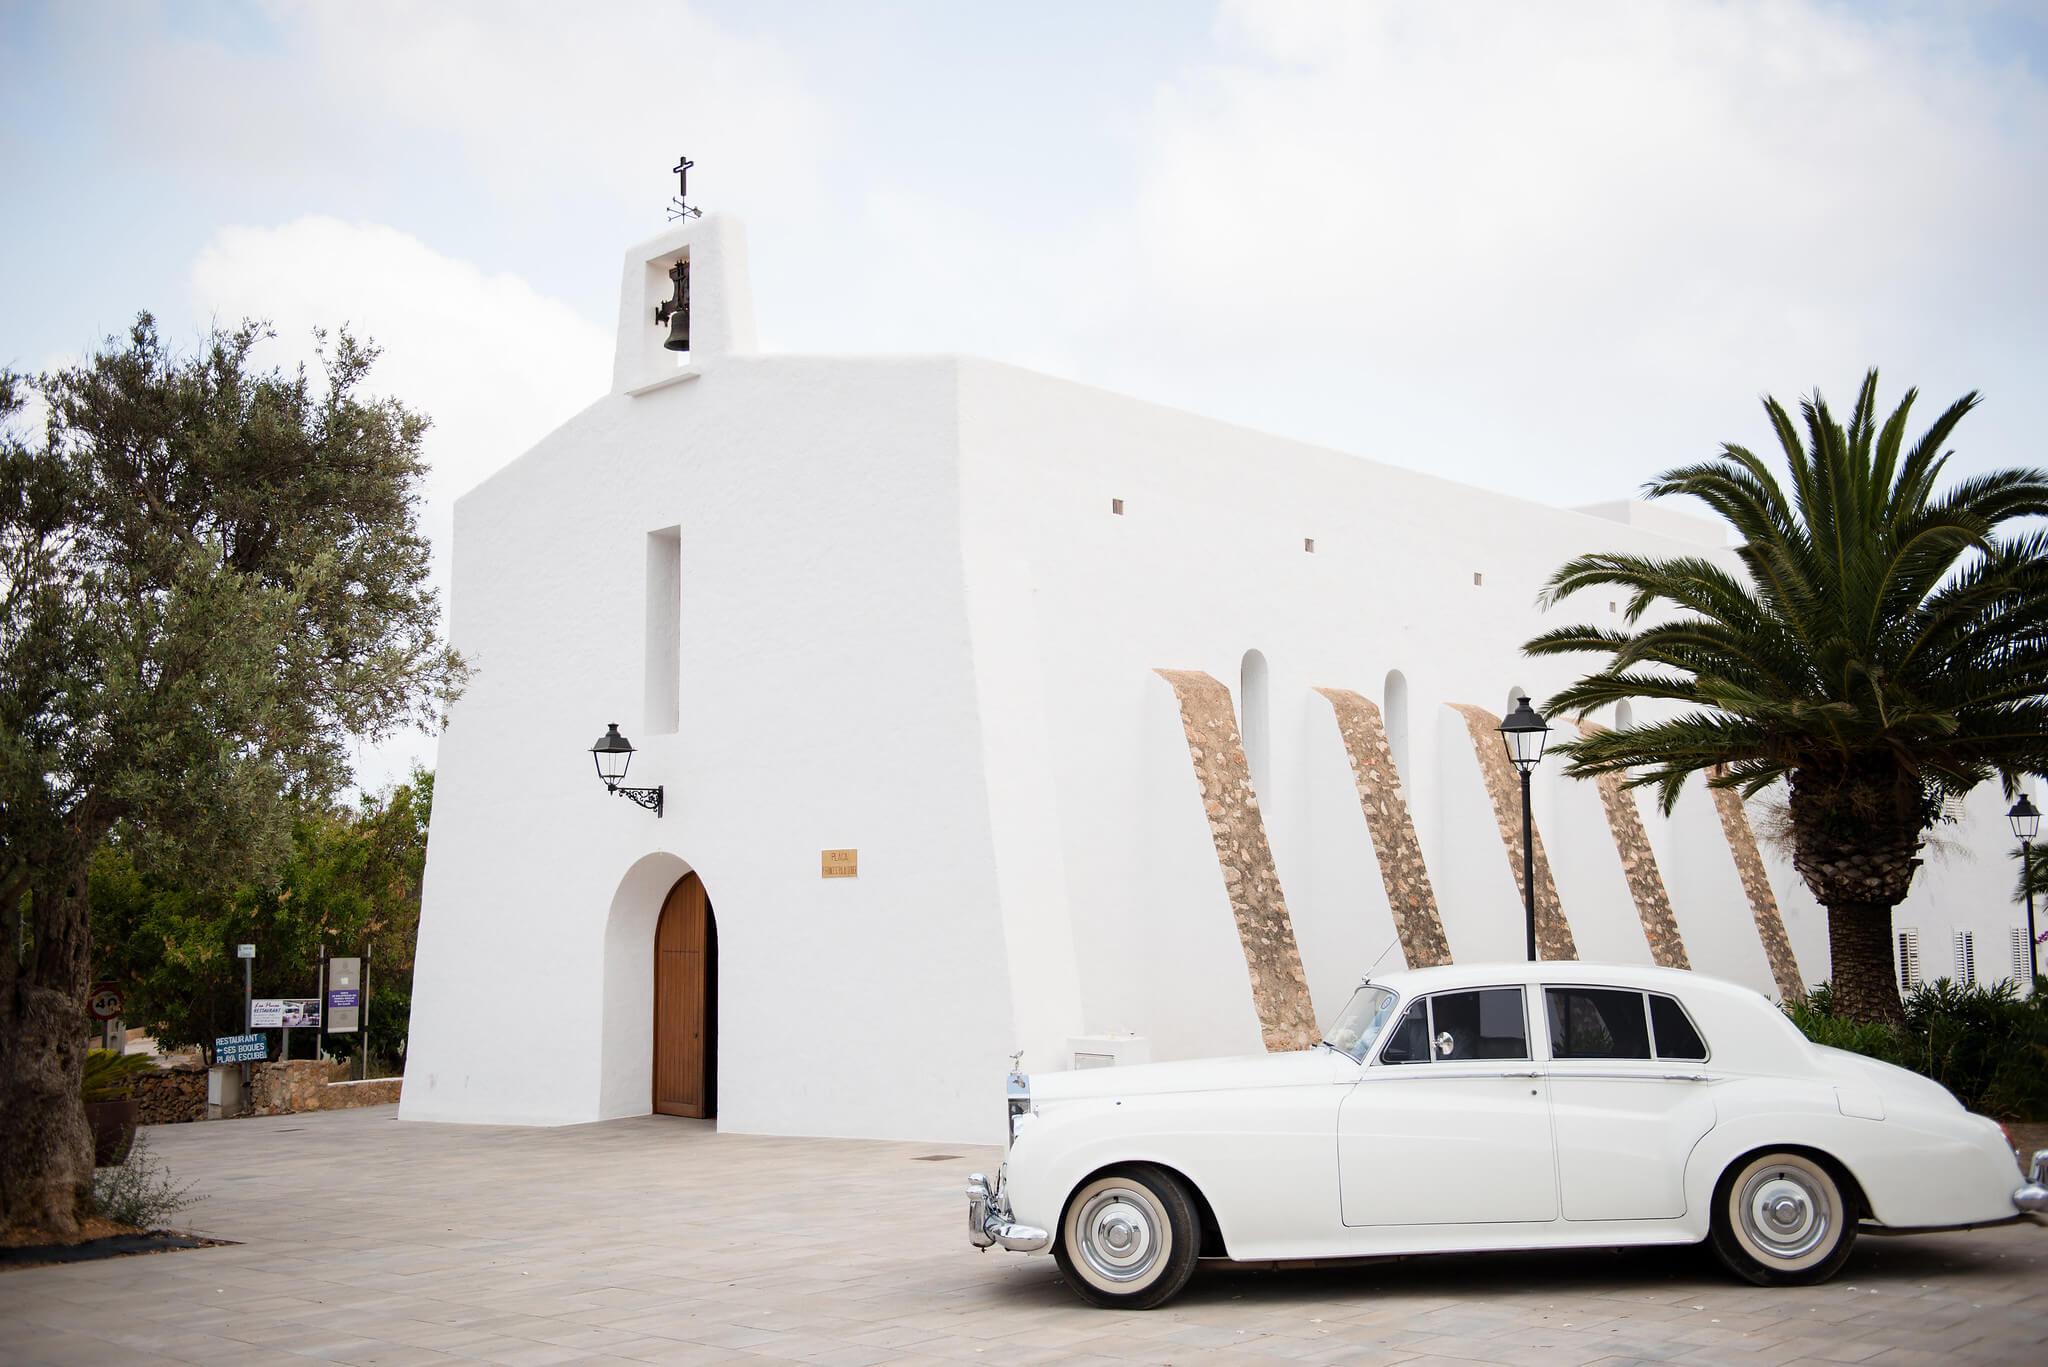 https://www.white-ibiza.com/wp-content/uploads/2020/03/ibiza-wedding-photographer-gypsy-westwood-2020-00.jpg